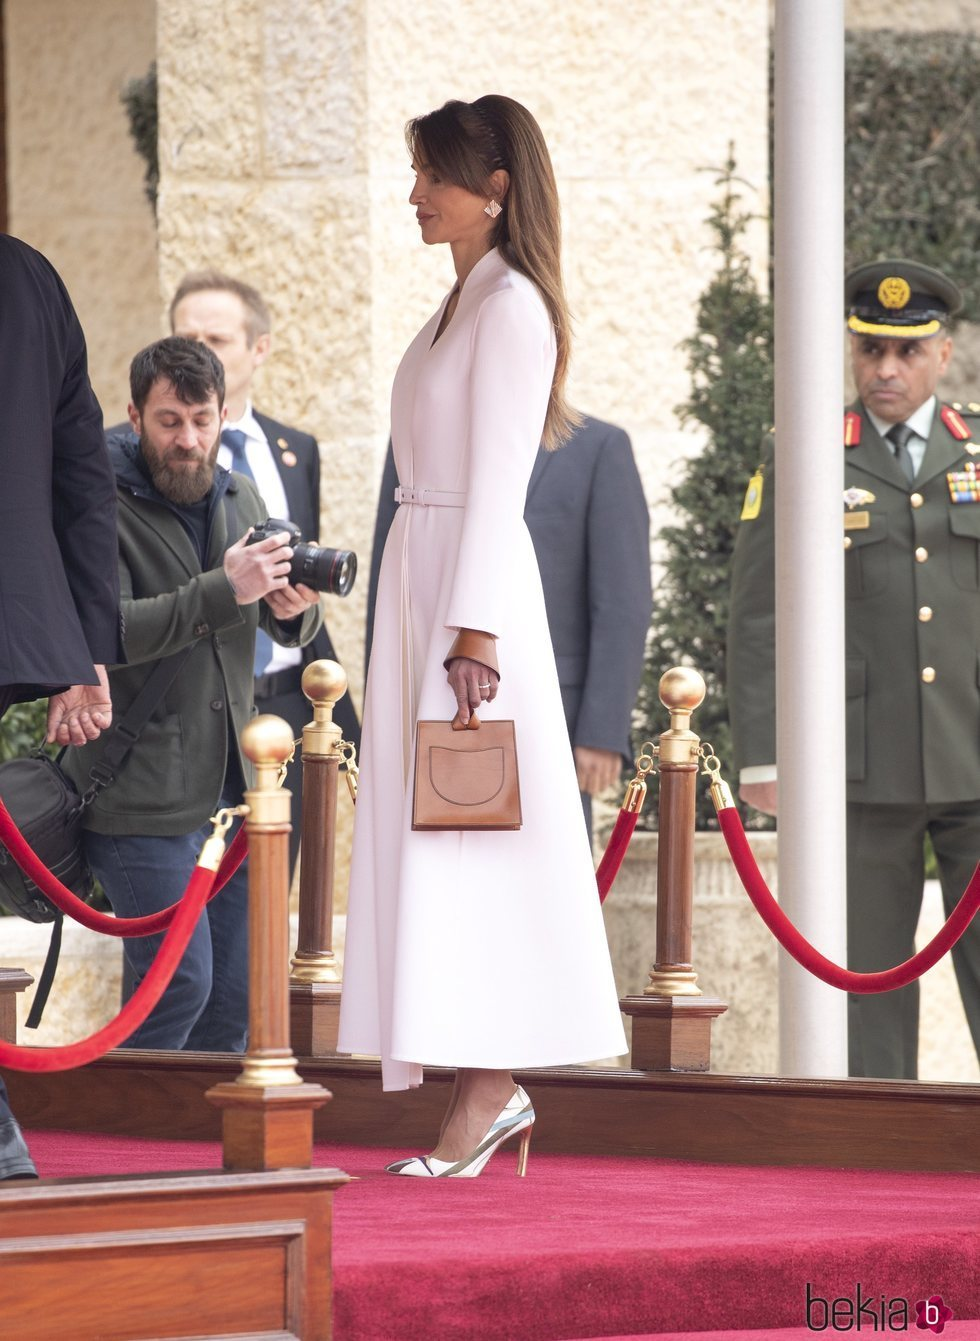 Rania de Jordania en la bienvenida a los Reyes Harald y Sonia de Noruega por su Visita de Estado a Jordania